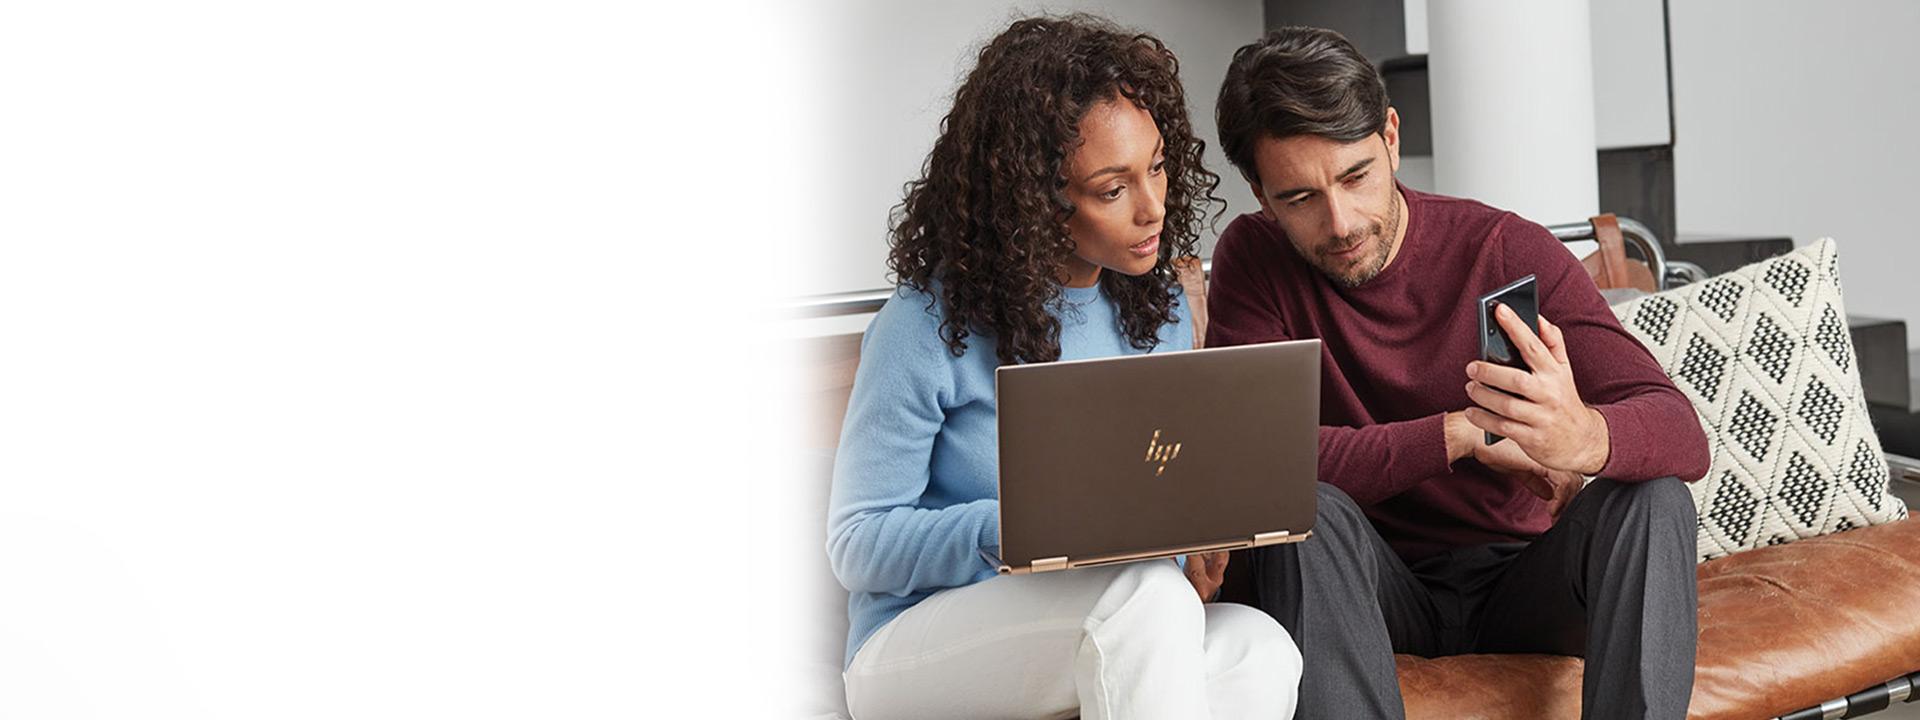 Γυναίκα και άντρας κάθονται σε έναν καναπέ και κοιτάζουν μαζί έναν φορητό υπολογιστή και μια κινητή συσκευή Windows 10